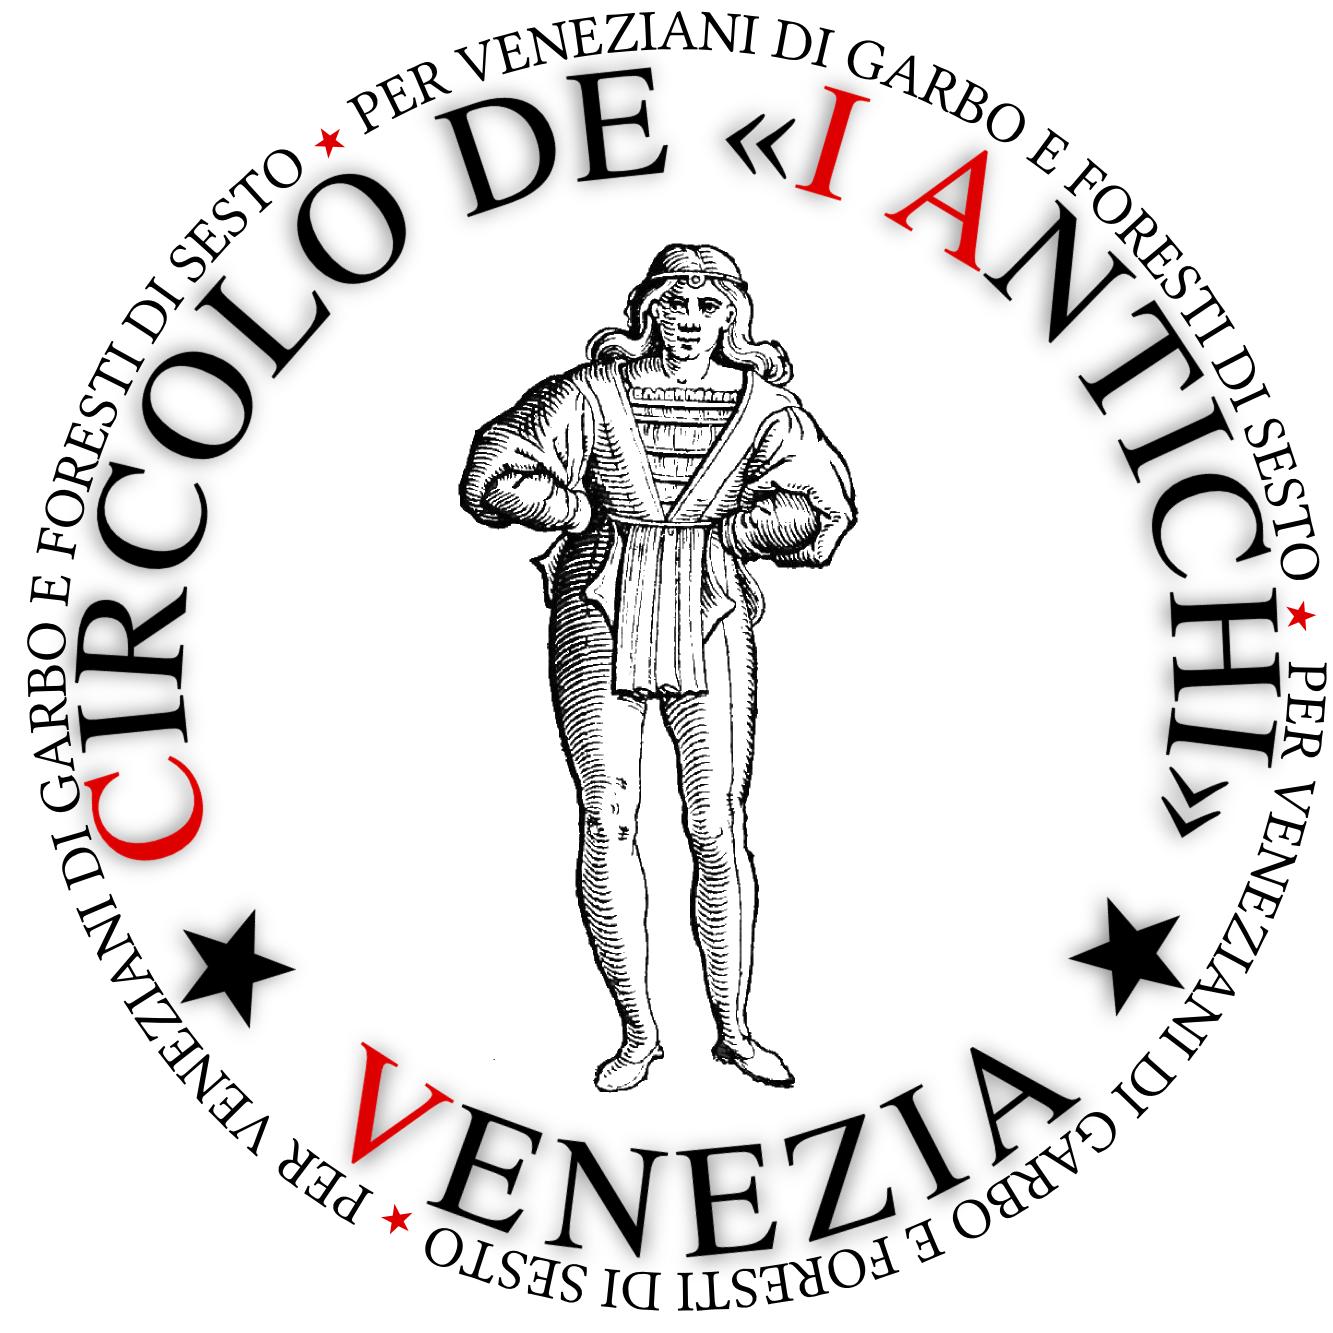 Circolo de I Antichi Venezia - www.circolodeiantichi.it